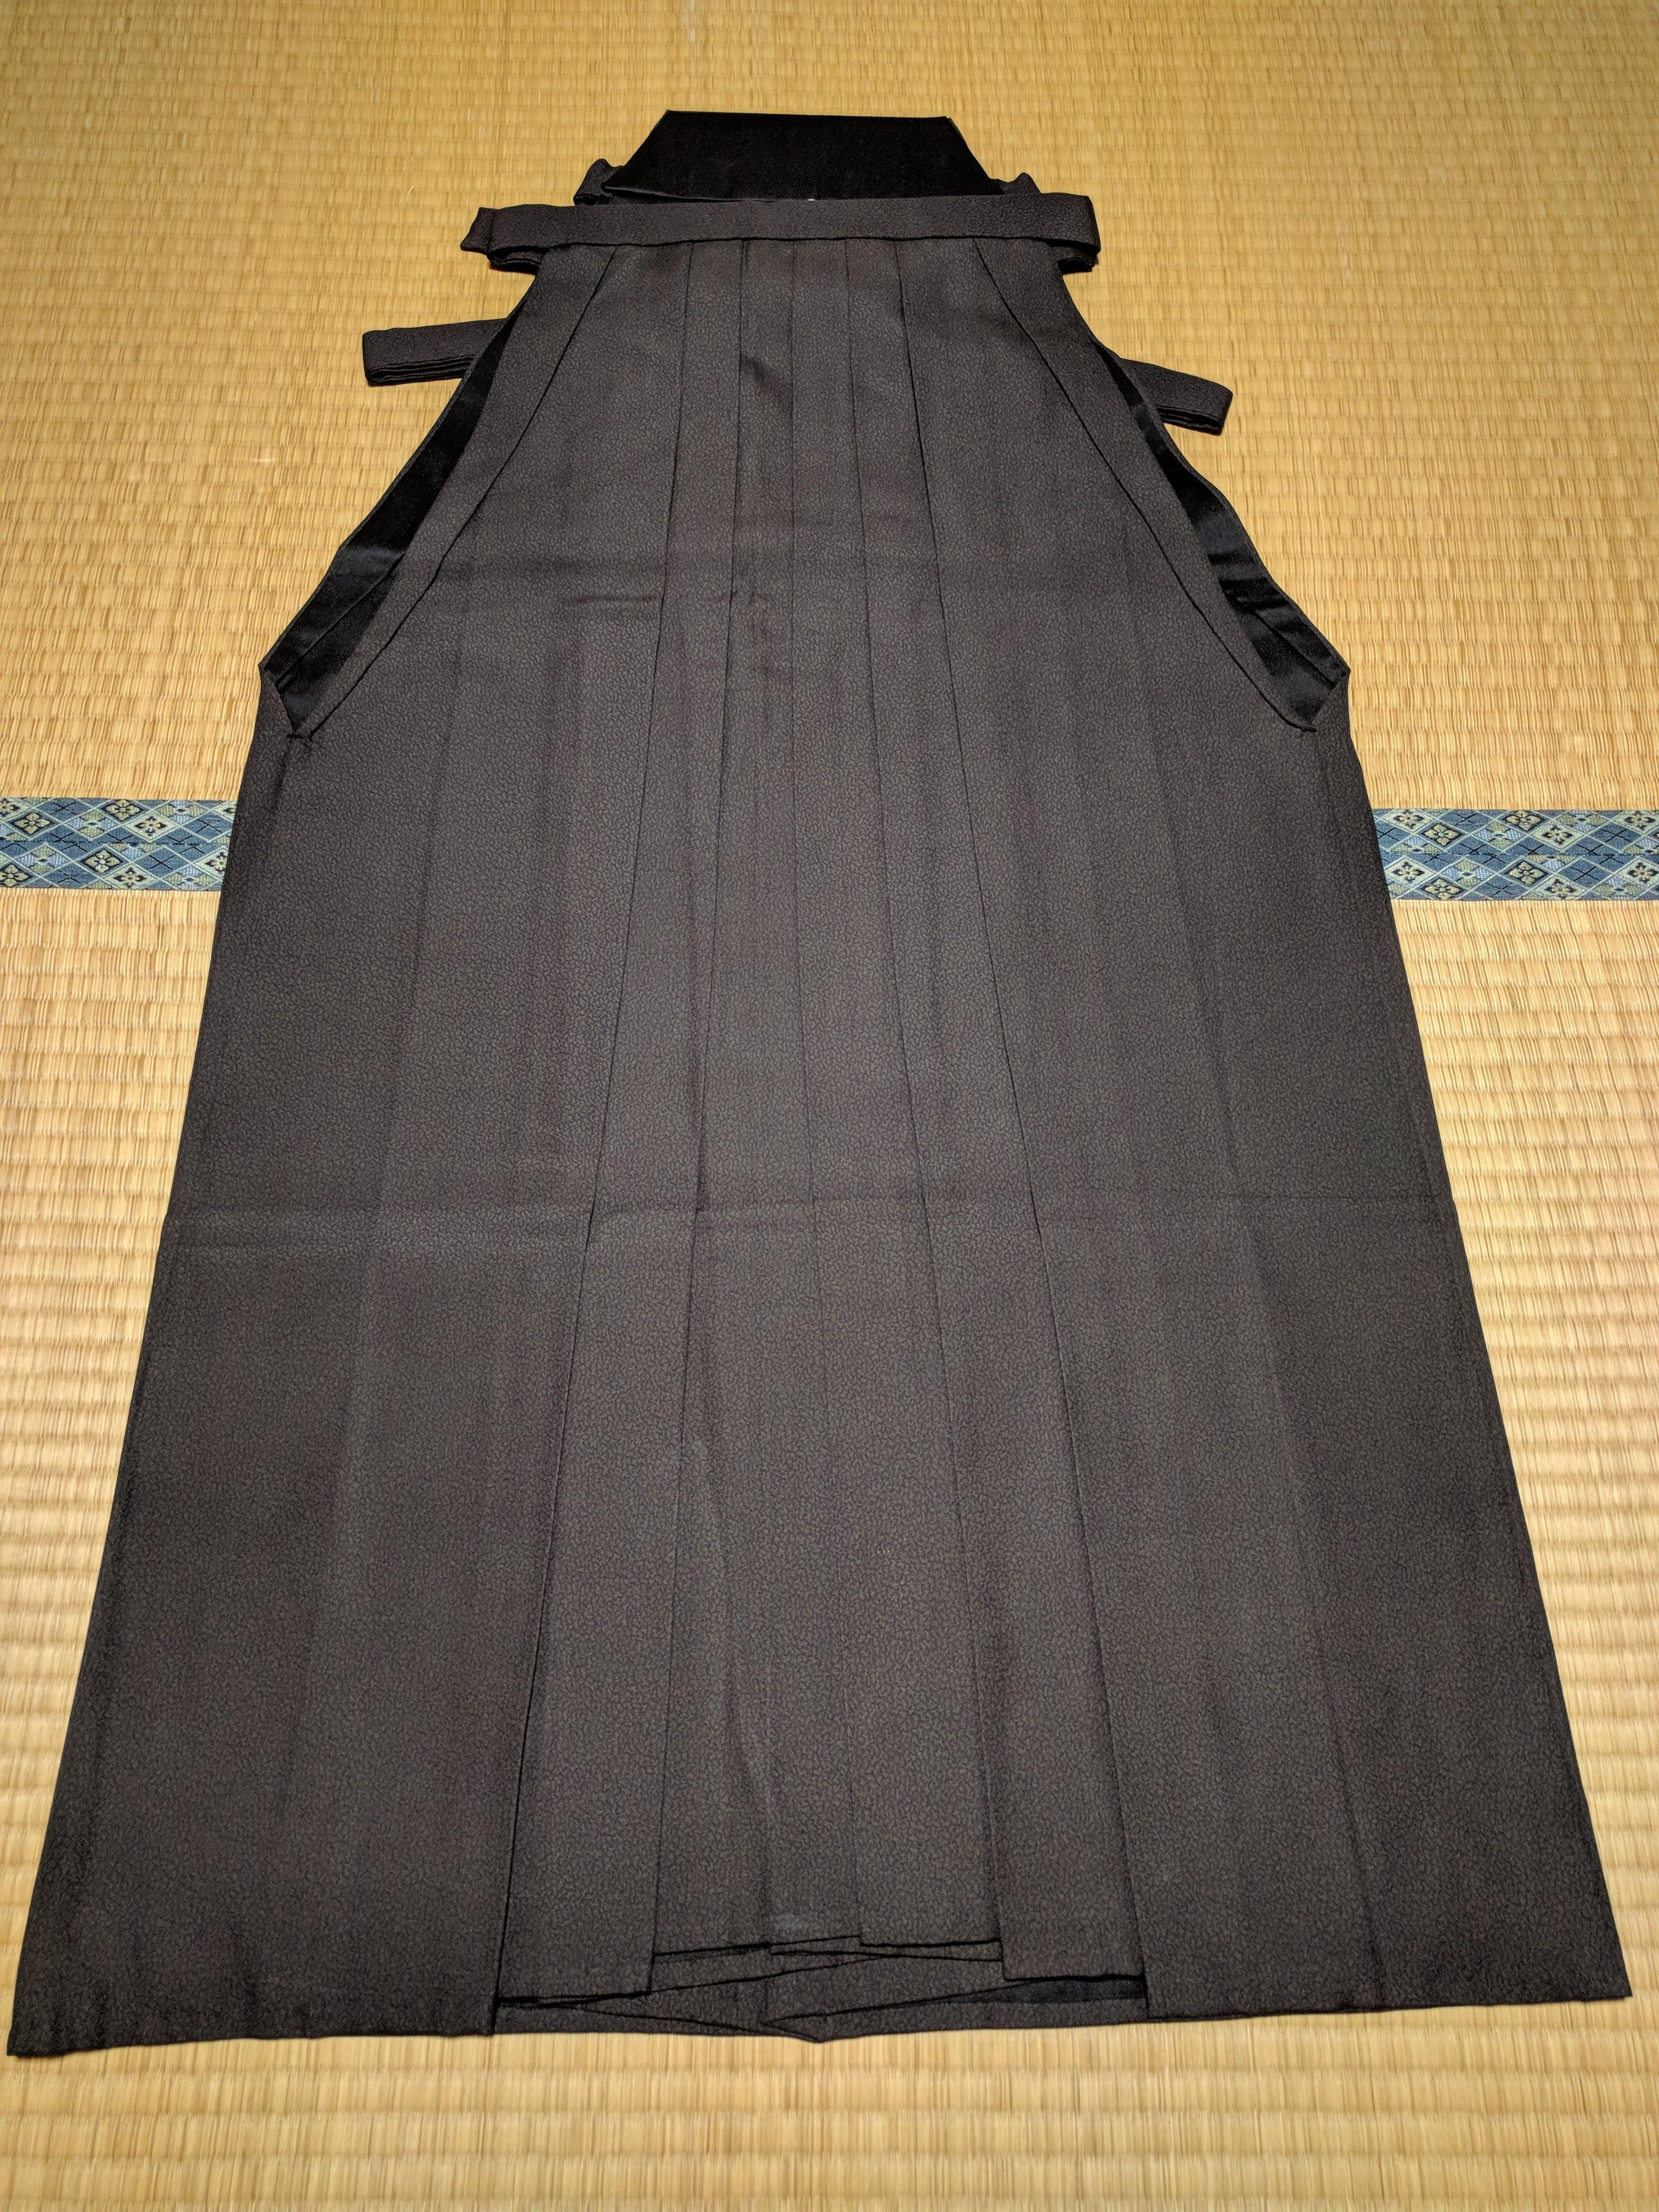 男着物,モッズ,メンズ着物,和服,和装,裏着物,袴,行灯,狐面,正面,